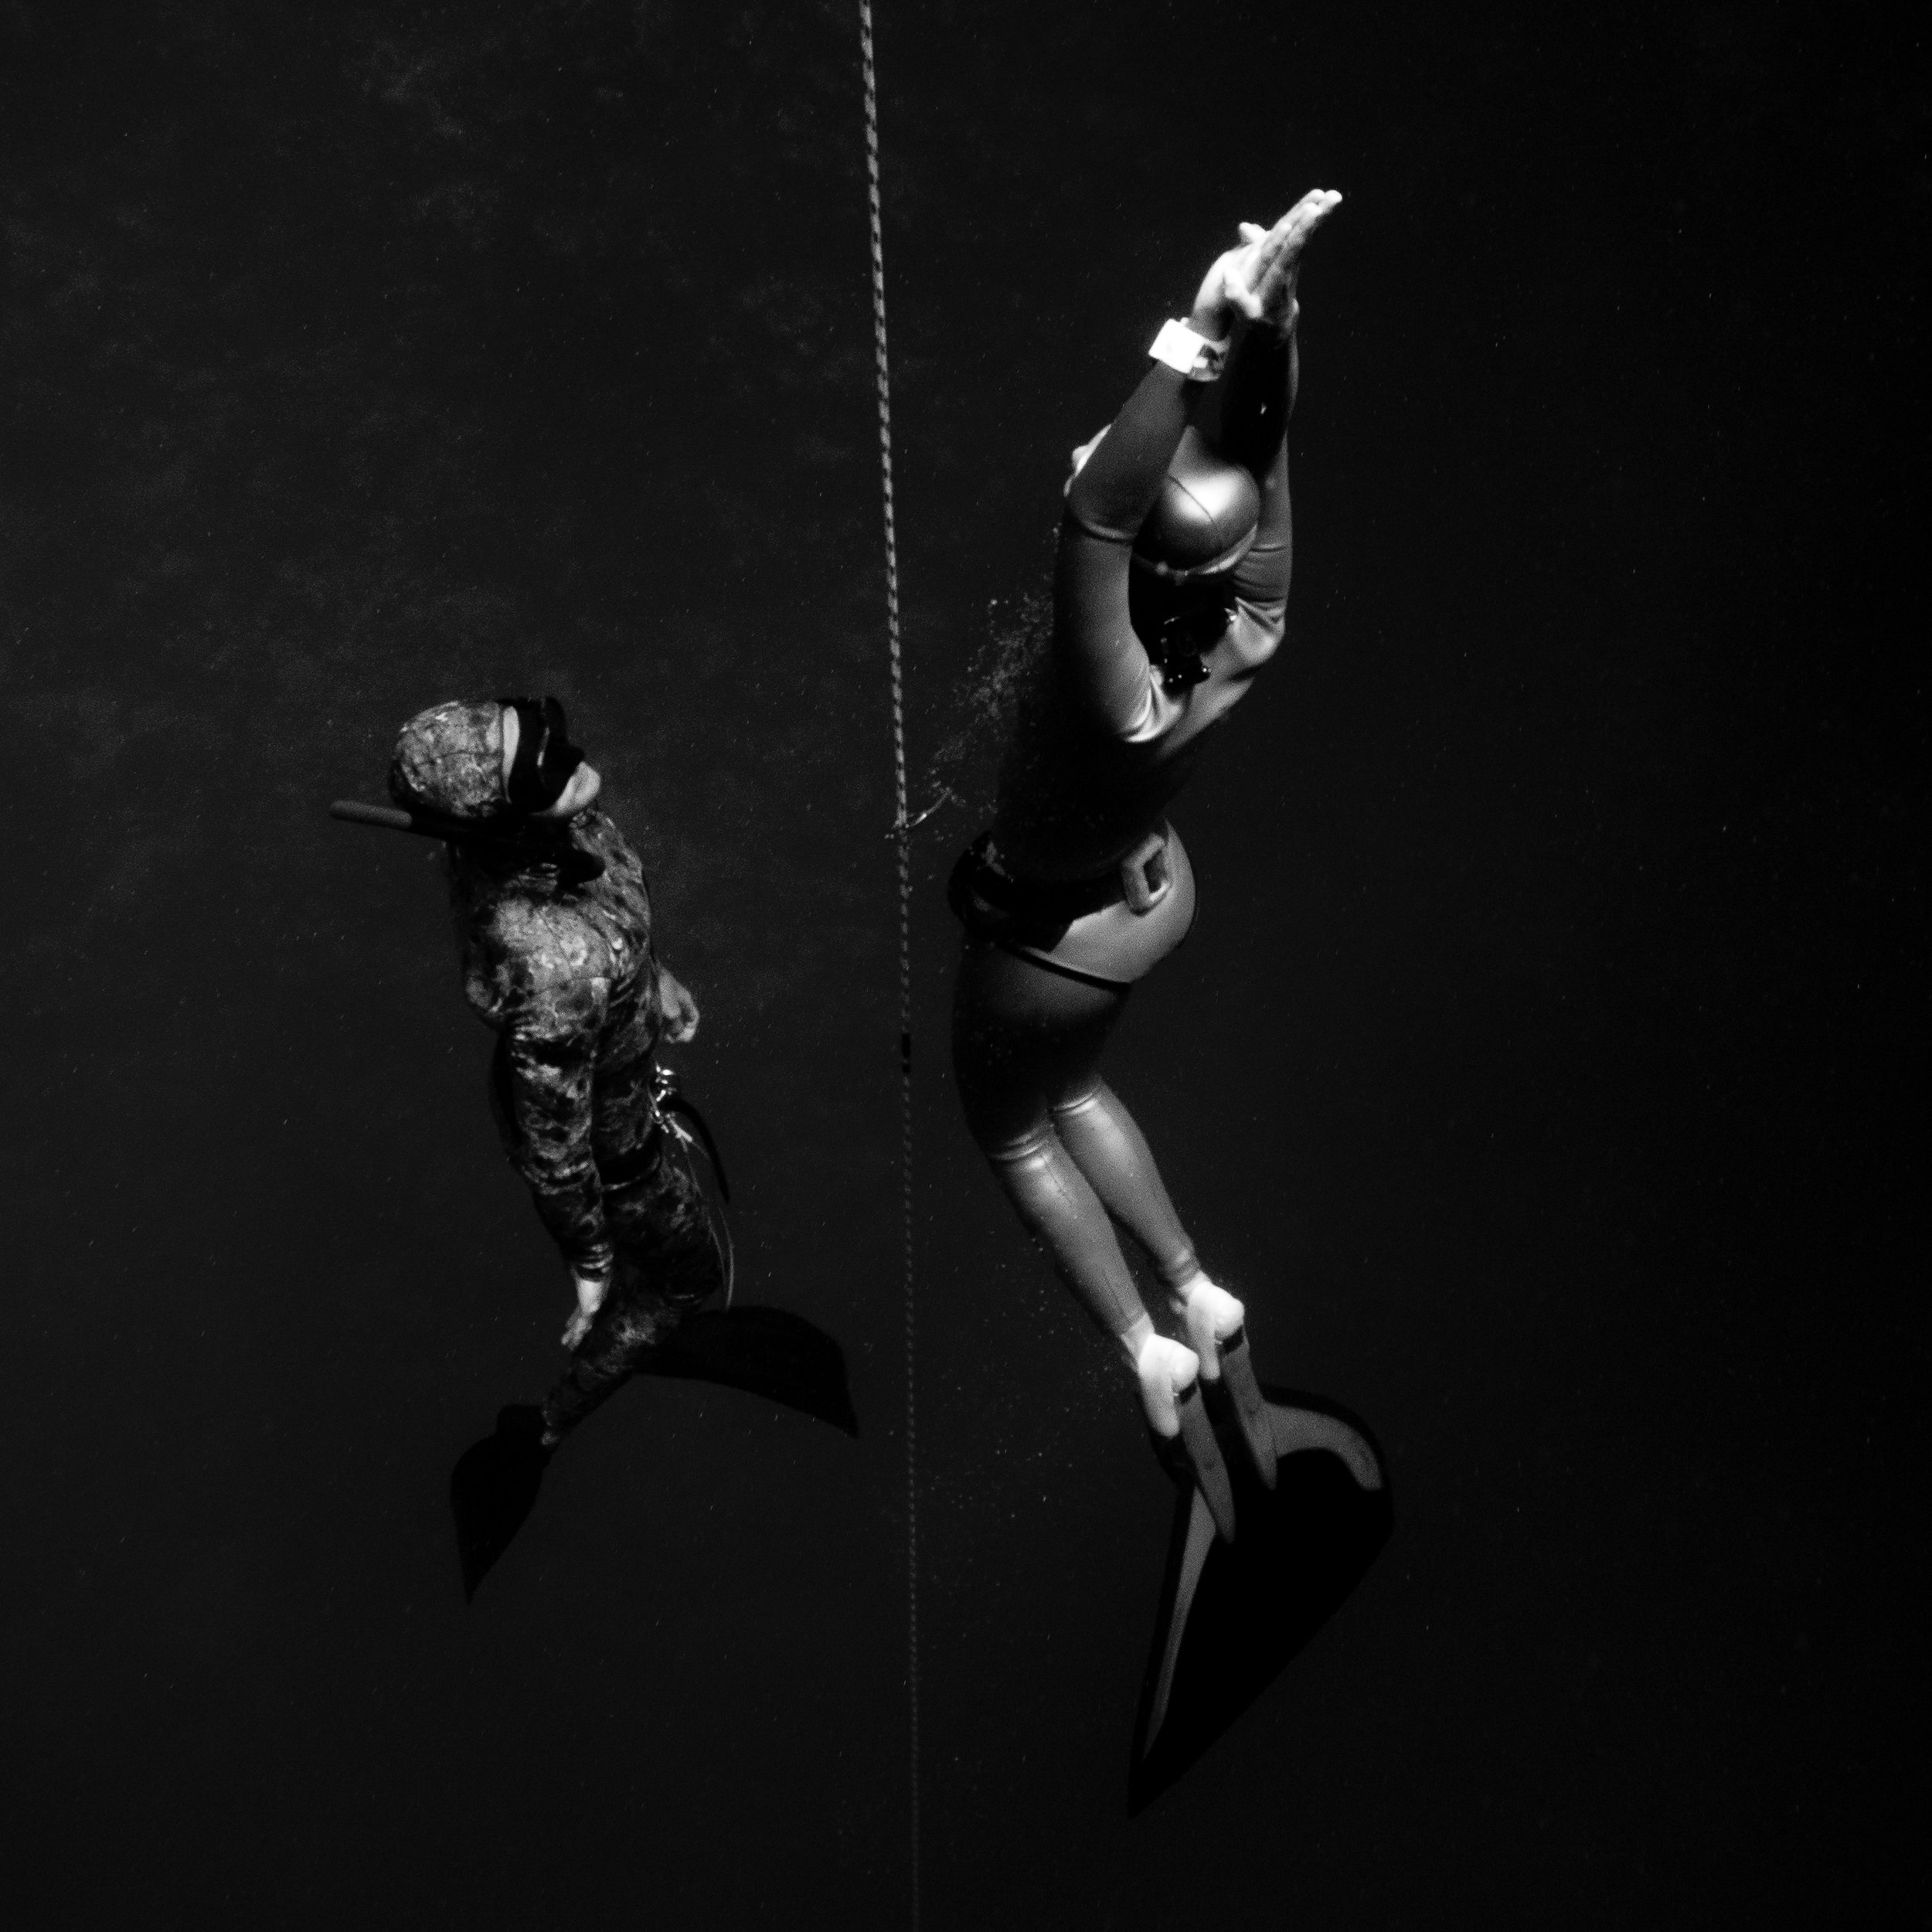 freediving byron bay.jpg